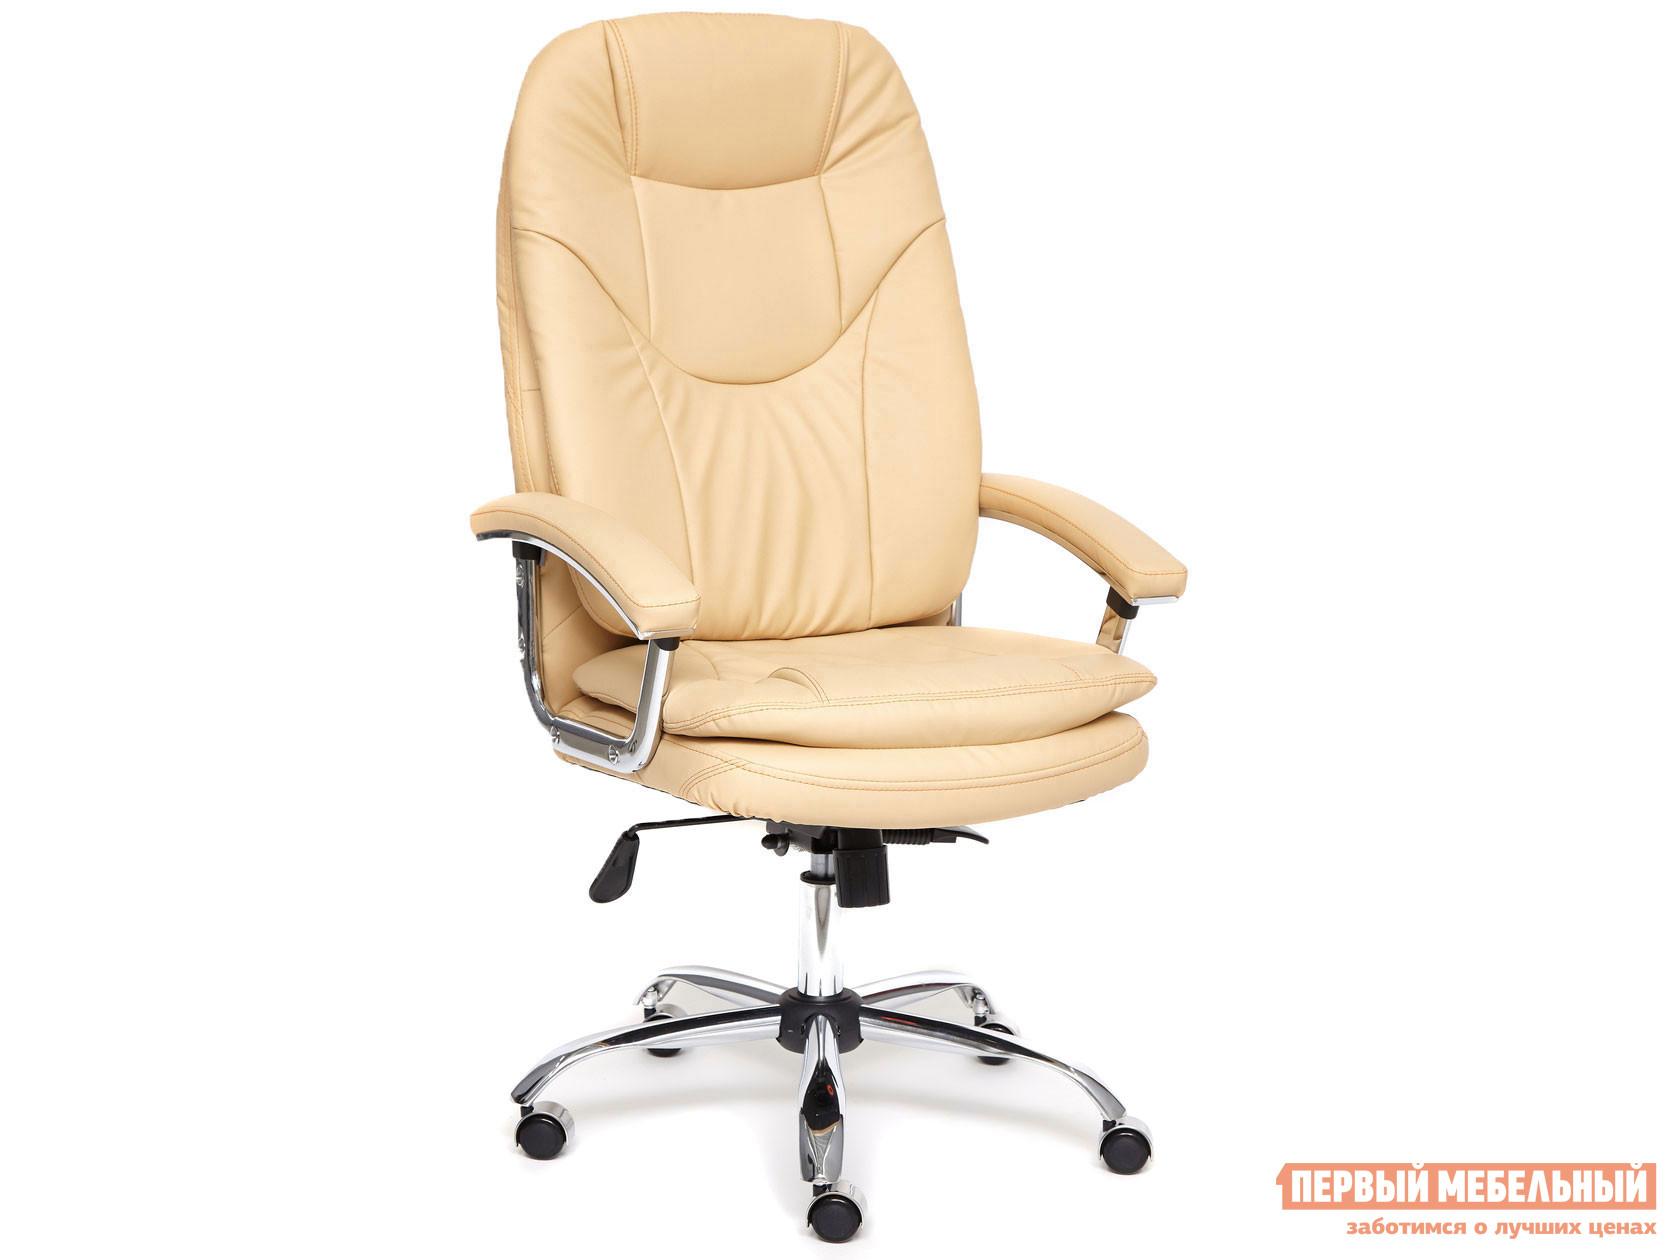 Кресло руководителя  Кресло SOFTY LUX иск. кожа Иск. кожа, бежевый, 36-34